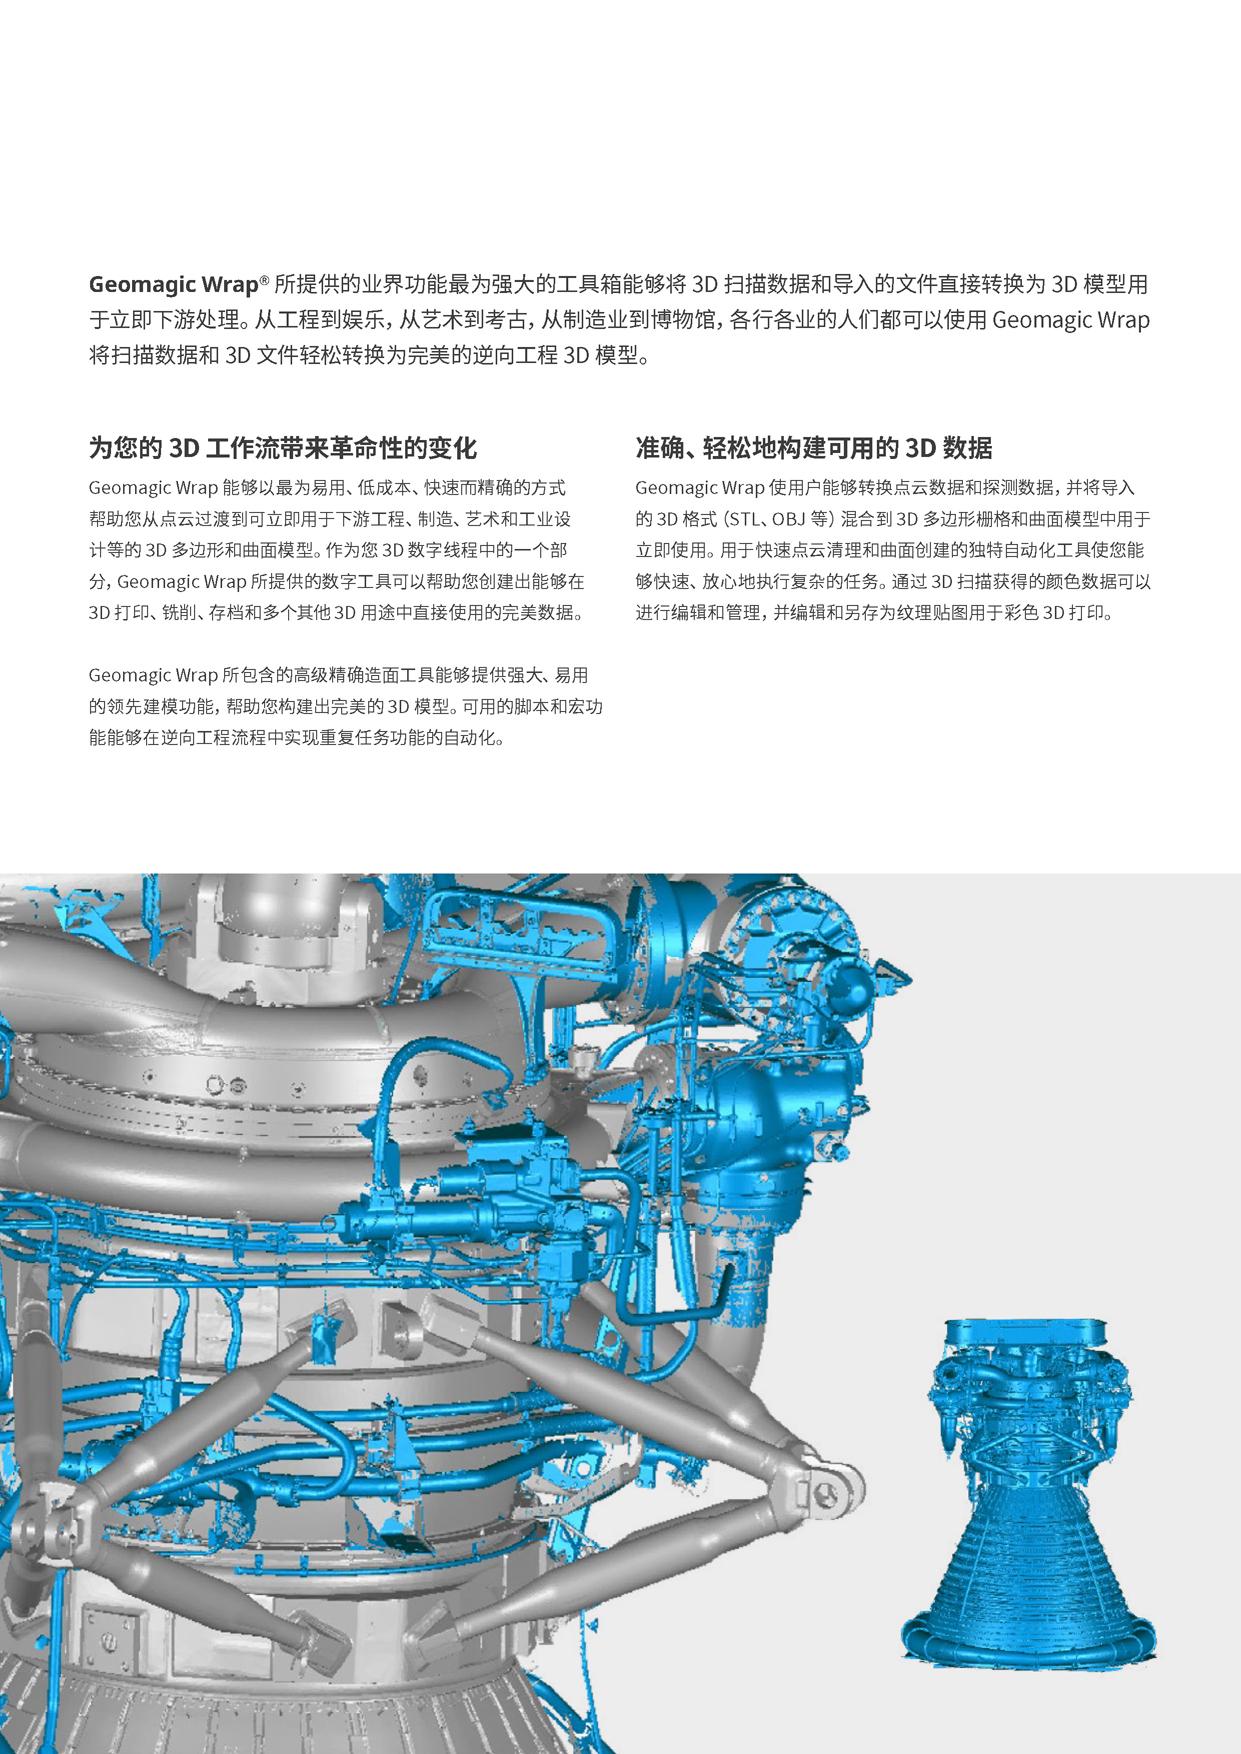 3d-systems-wrap-cn-a4-web-2019-11-01_页面_2.jpg